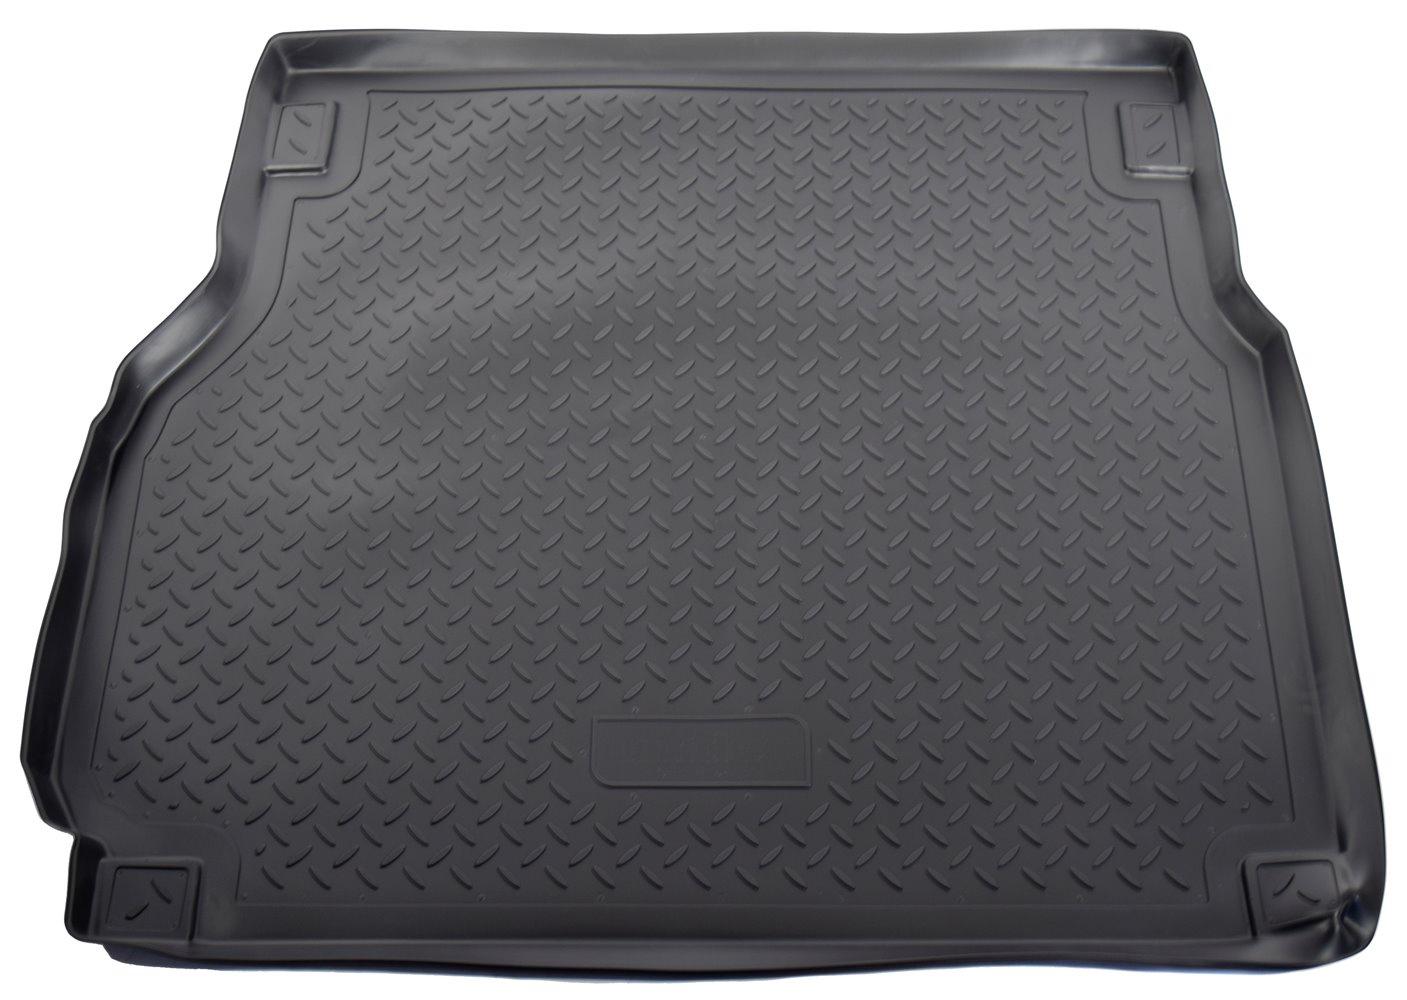 цена на Коврик Norplast багажника для Land Rover Range Rover 2002-2012, NPL-P-46-55, черный